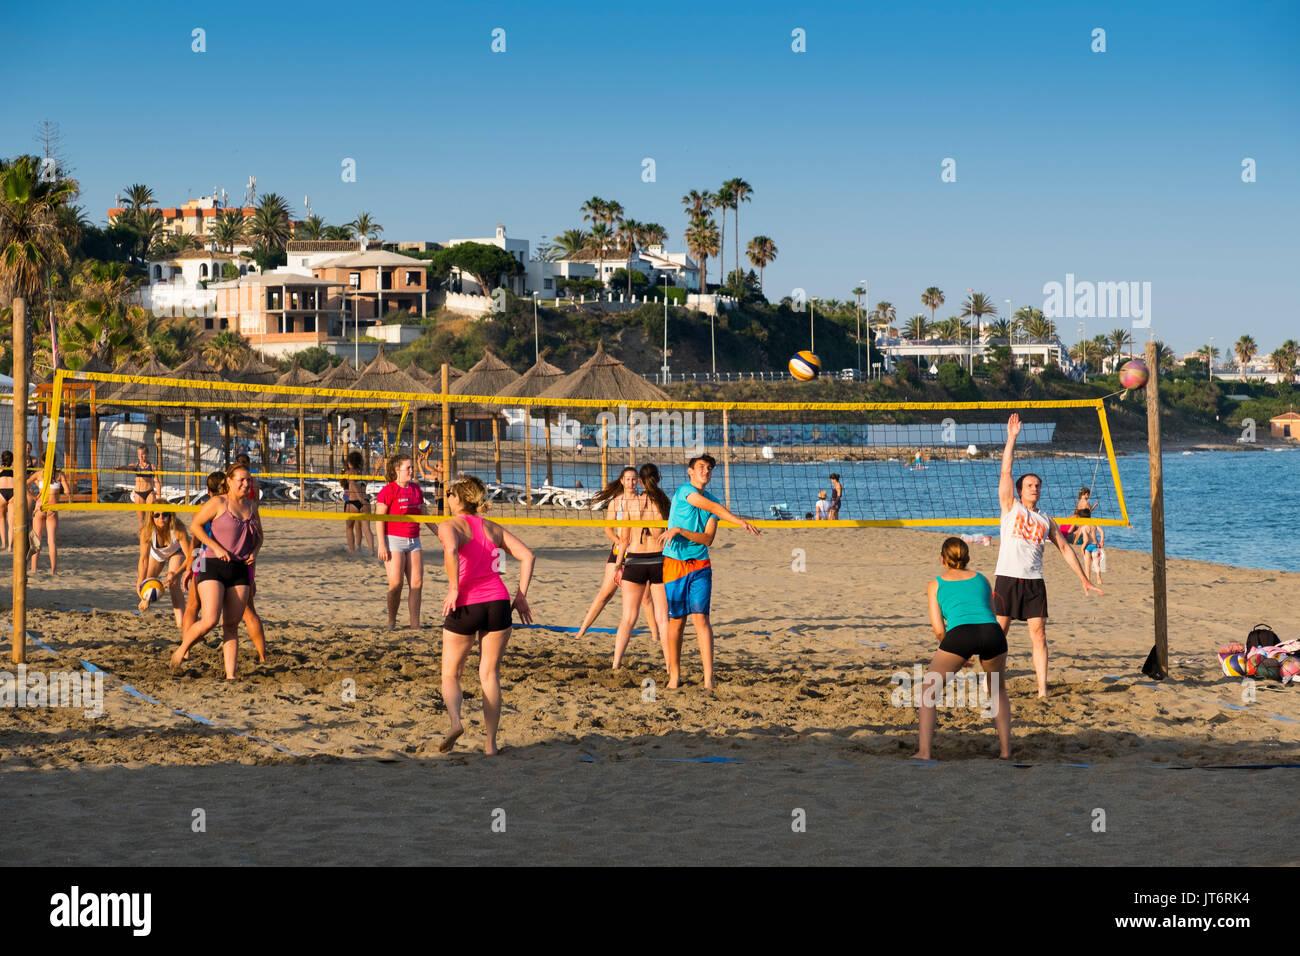 Jouer au volley-ball sur la plage, à La Cala de Mijas. Costa del Sol, Malaga province. Andalousie, Espagne du sud Europe Photo Stock